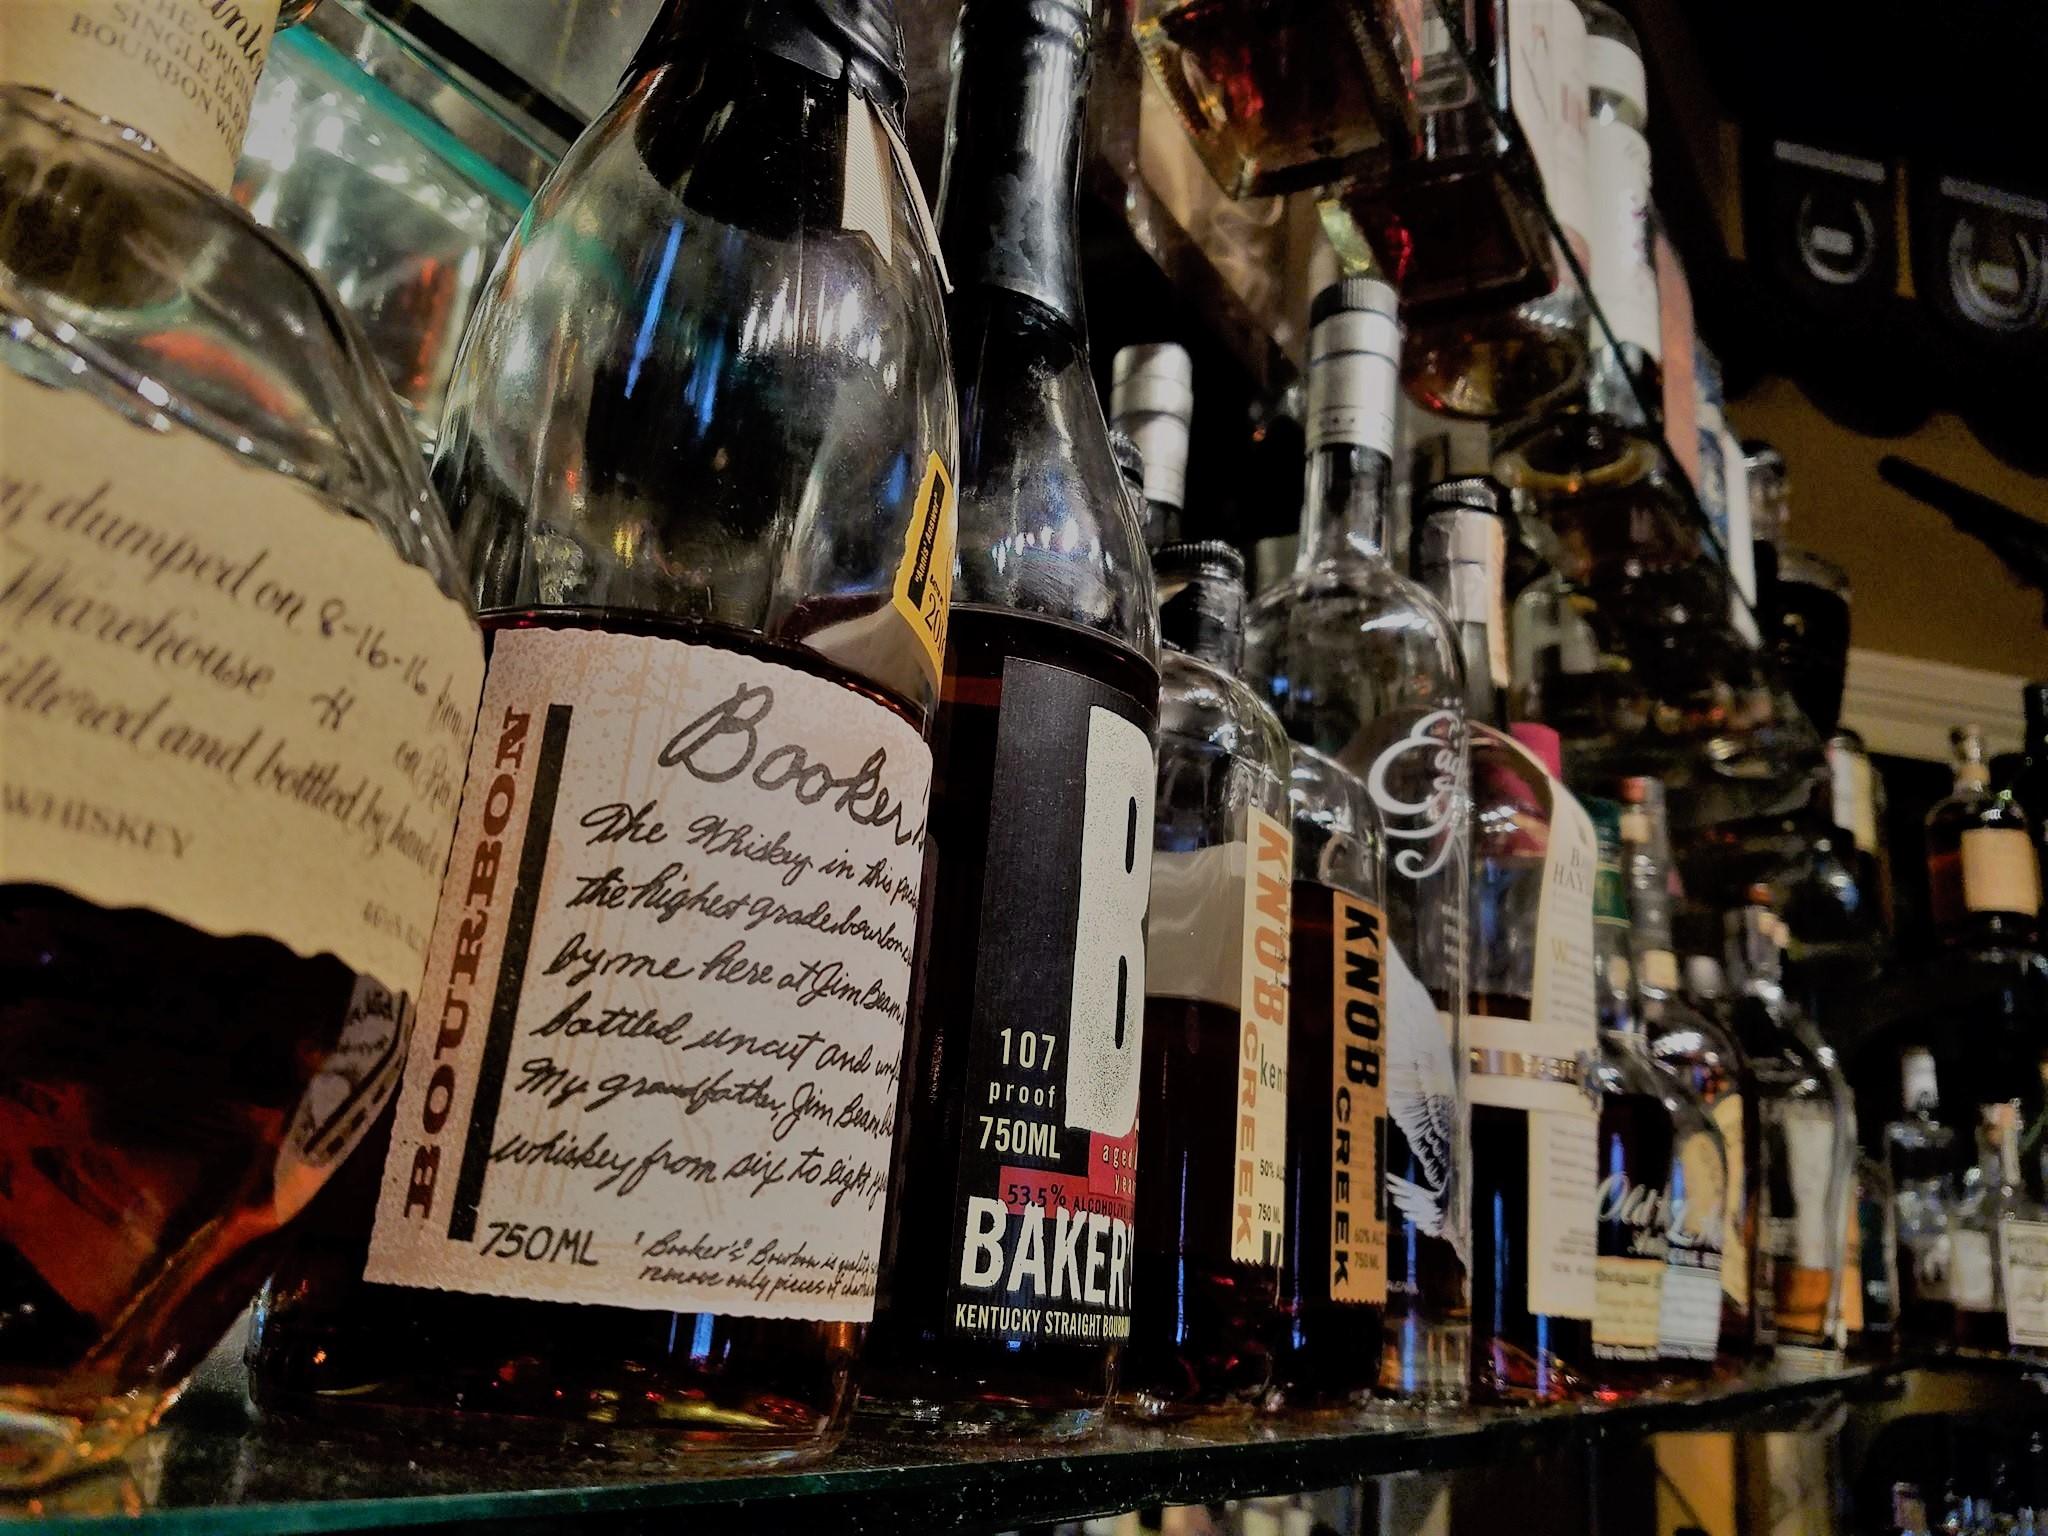 bottles on the shelf.jpg